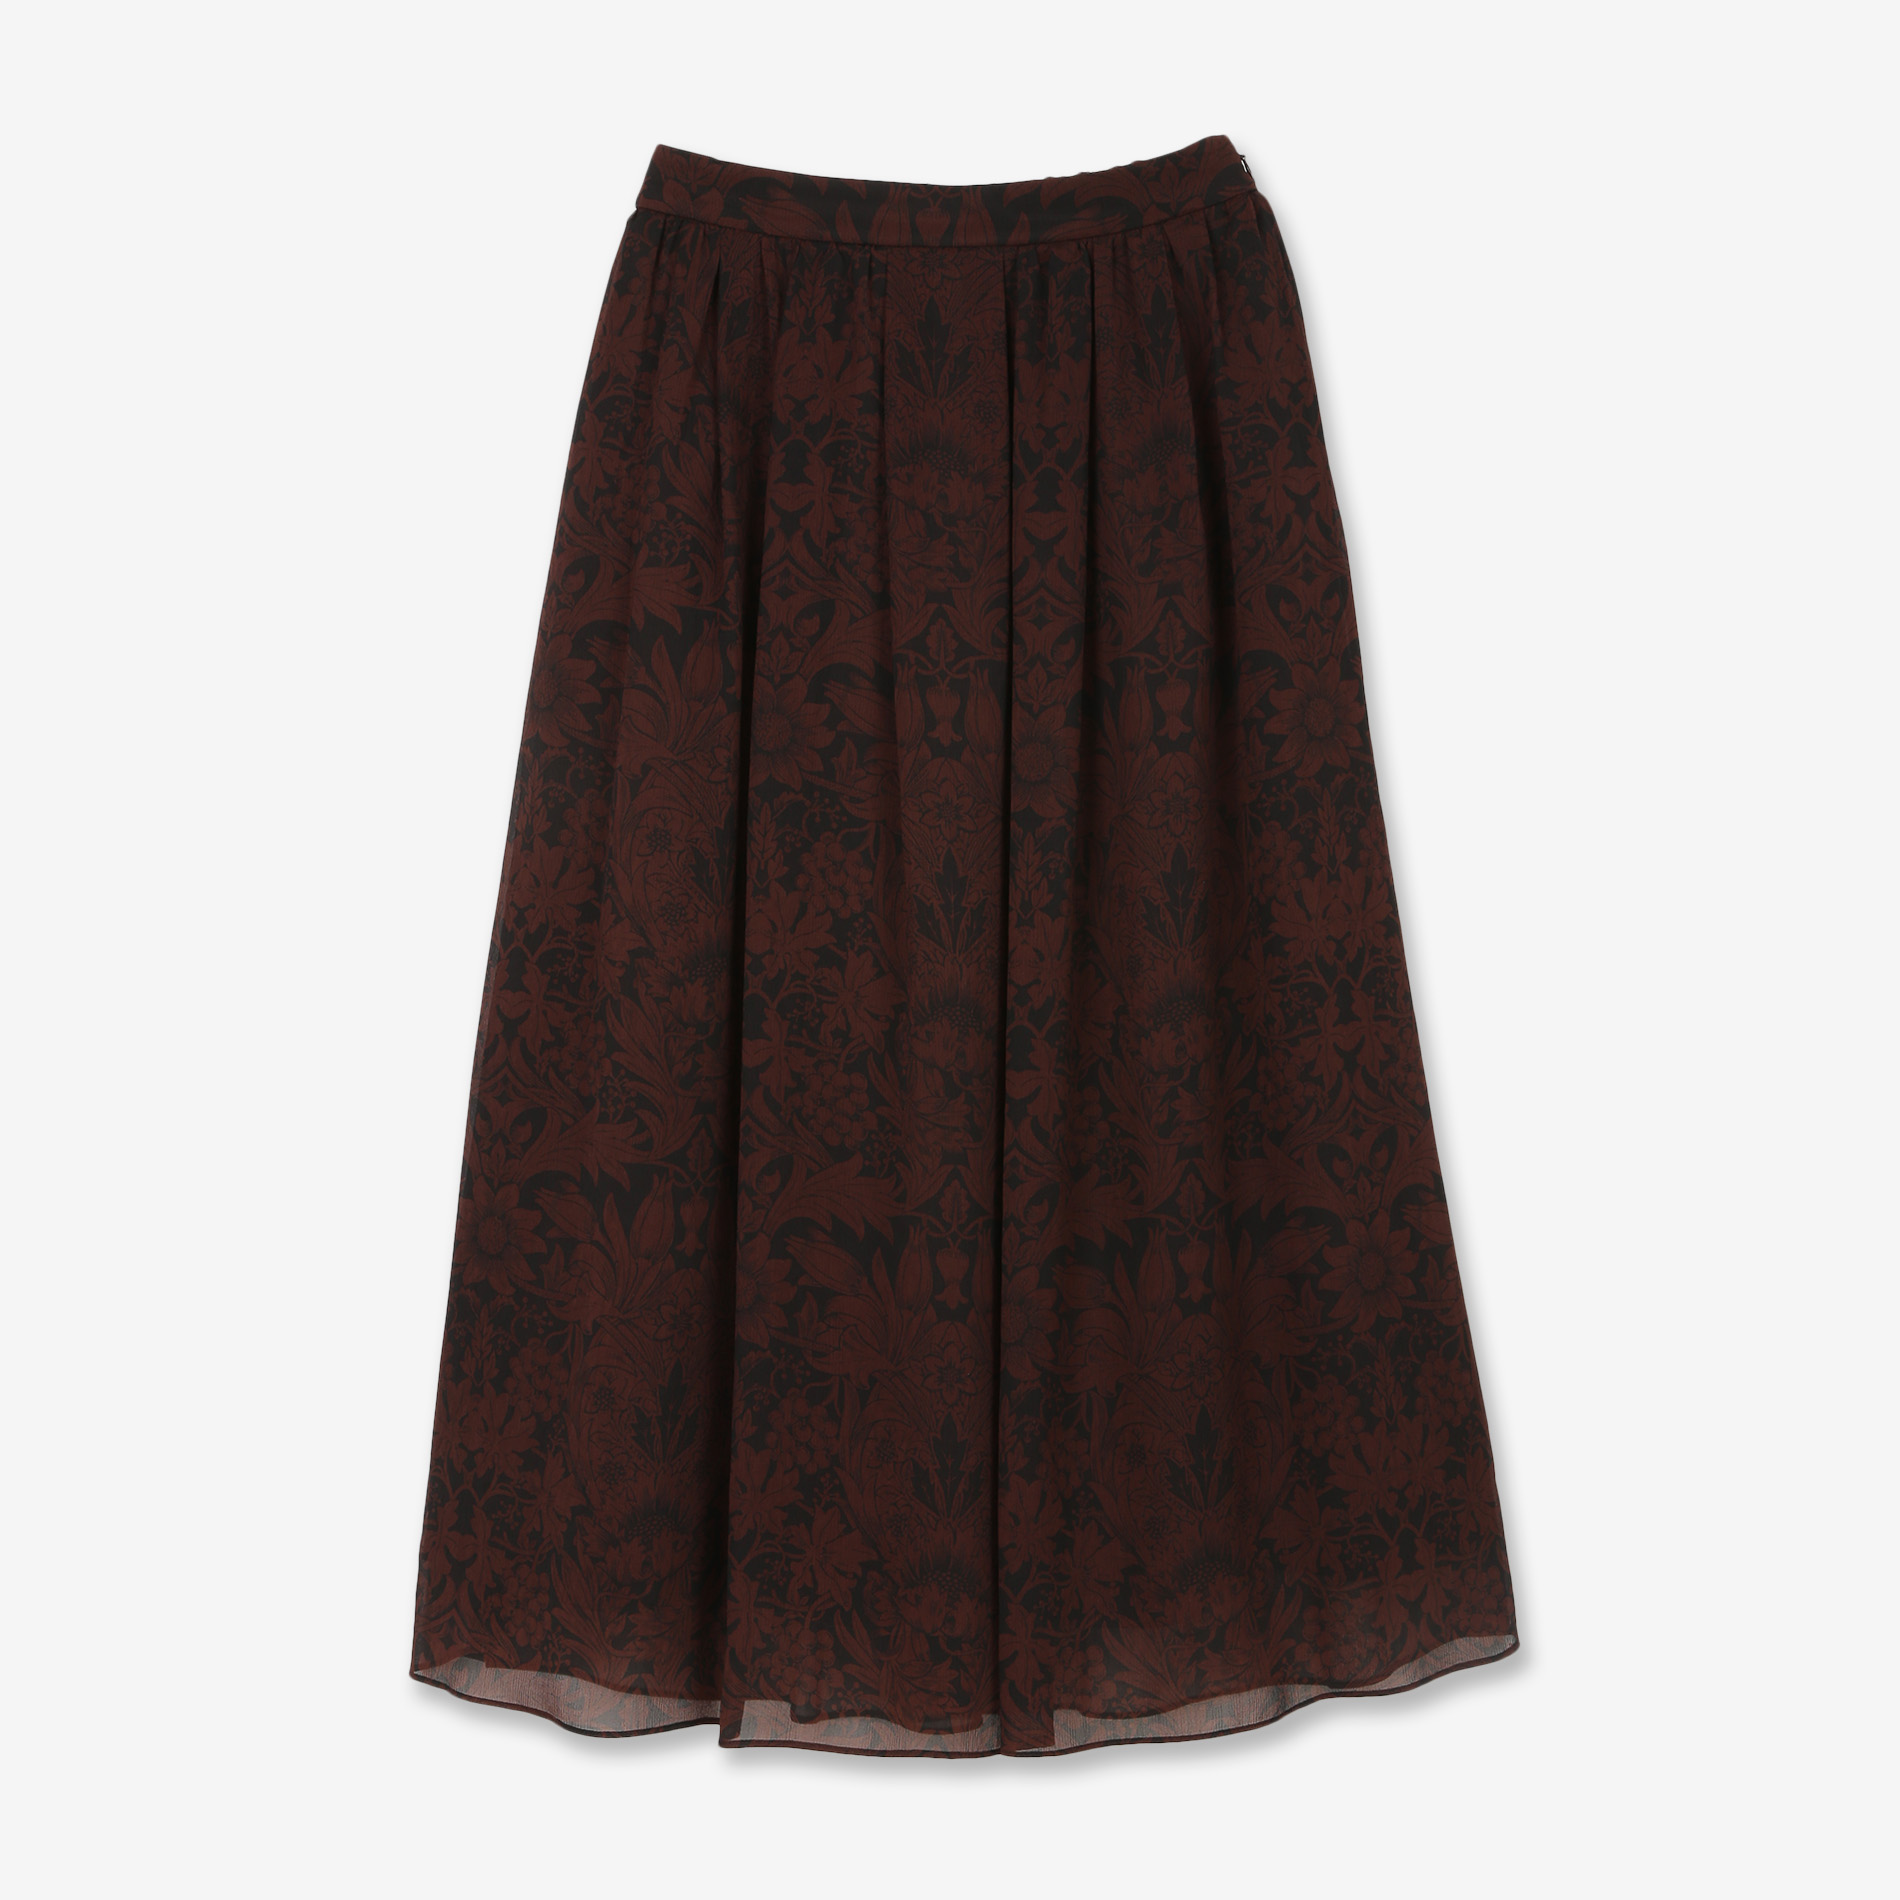 ヴィンテージフラワークレープスカート